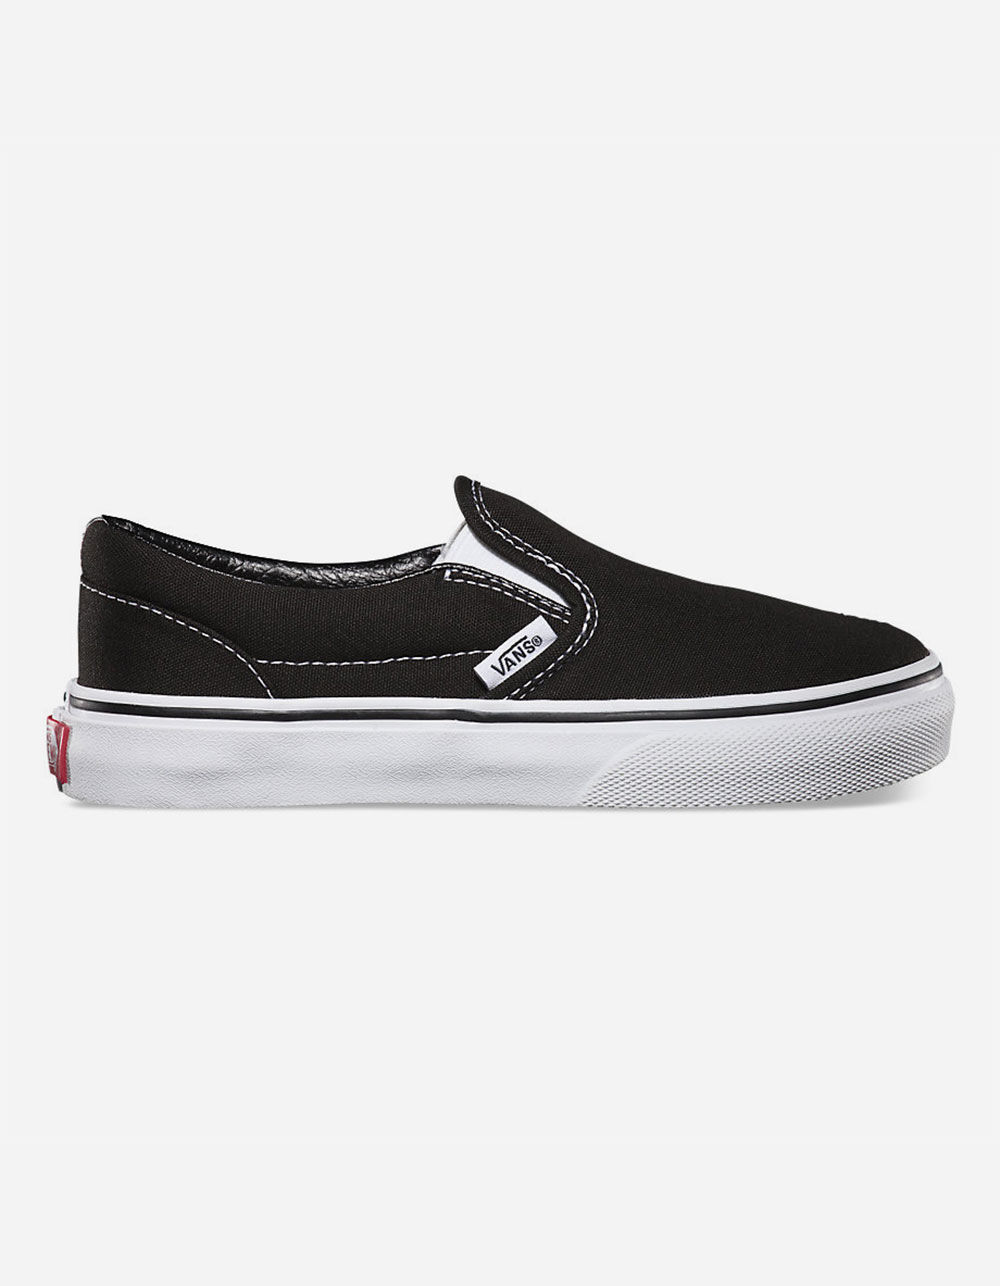 VANS CLASSIC SLIP-ON BLACK & WHITE KIDS SHOES